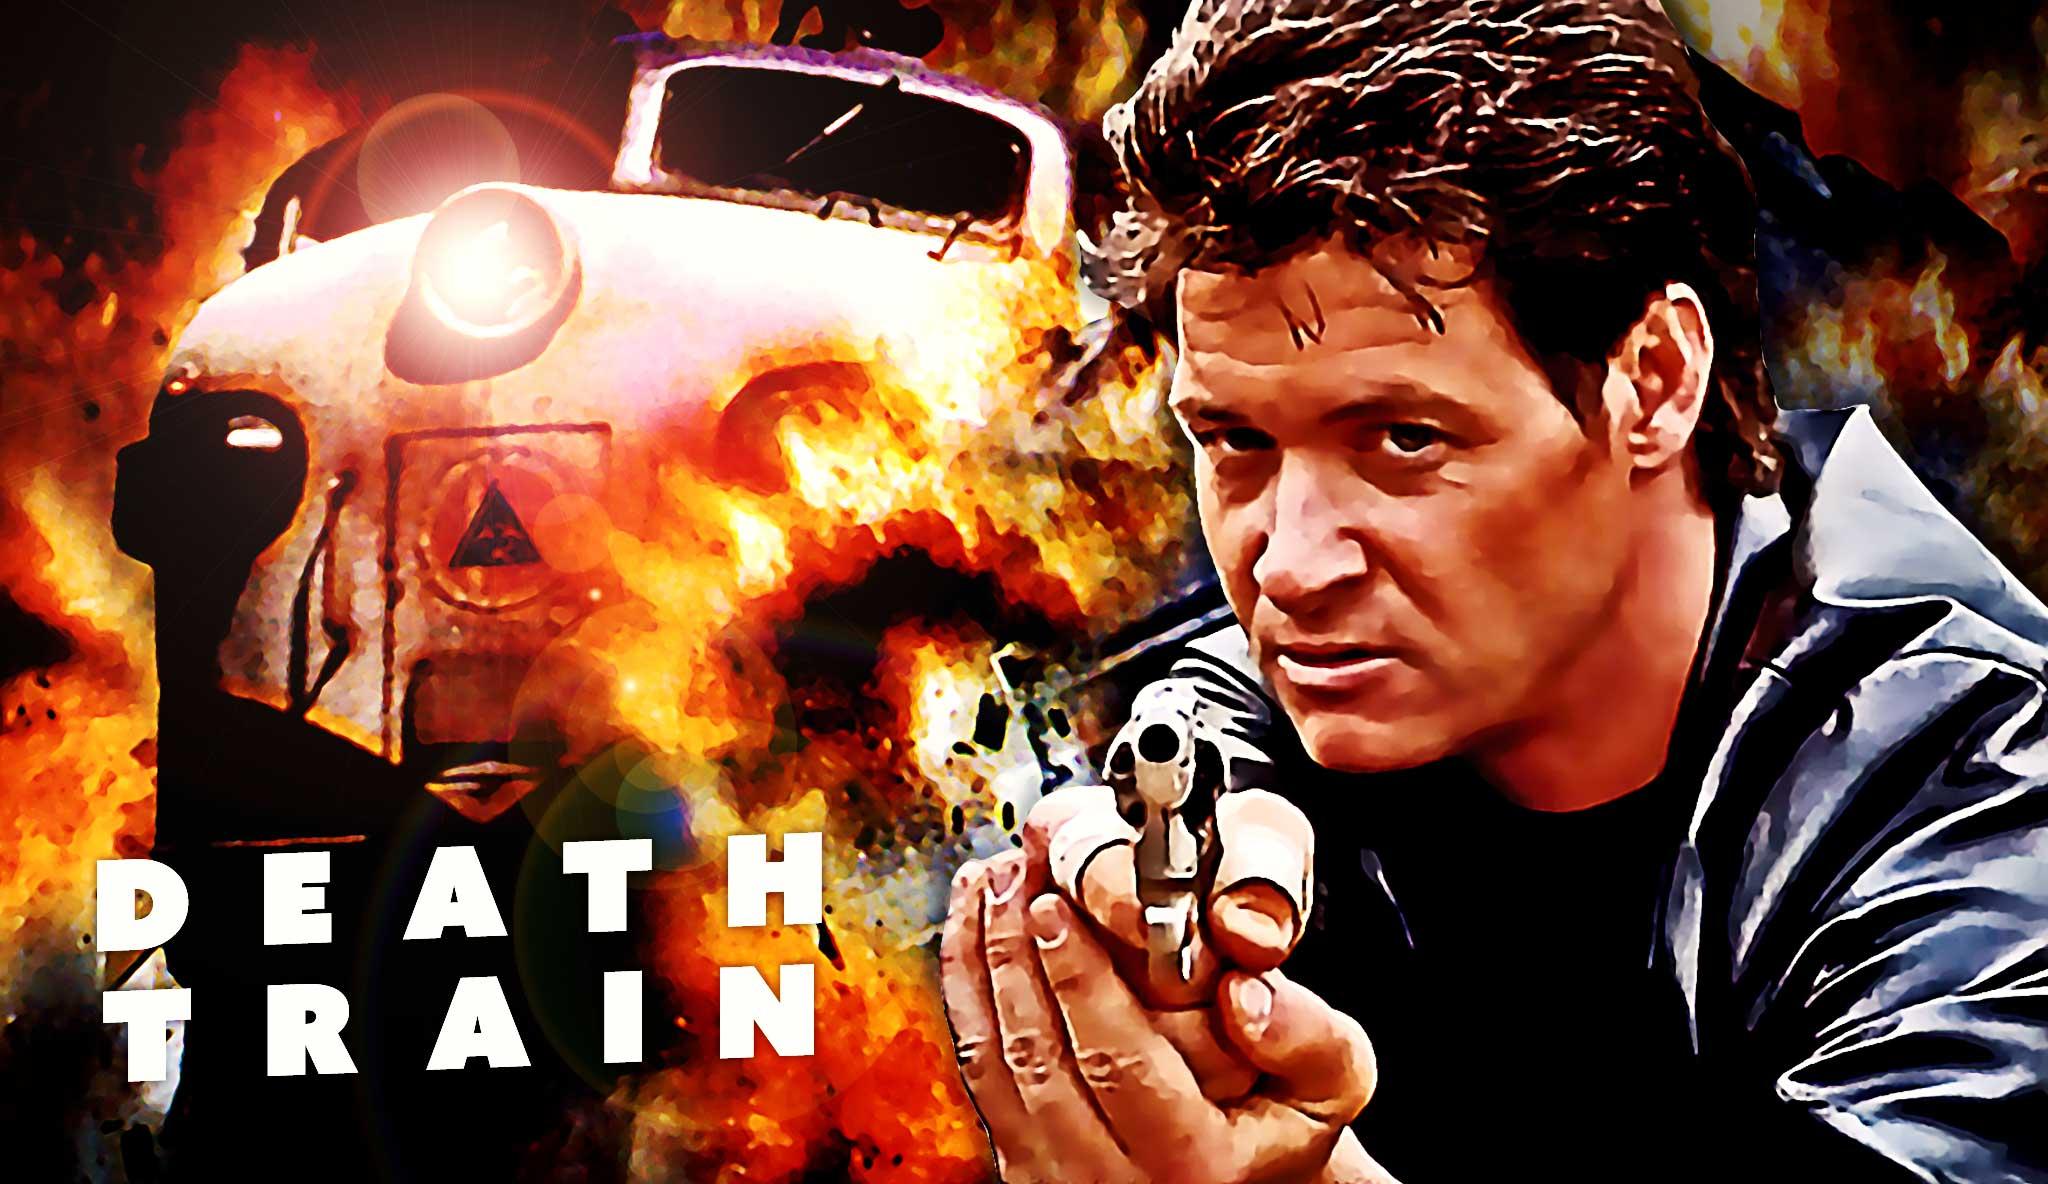 death-train-fahrt-in-den-tod\header.jpg